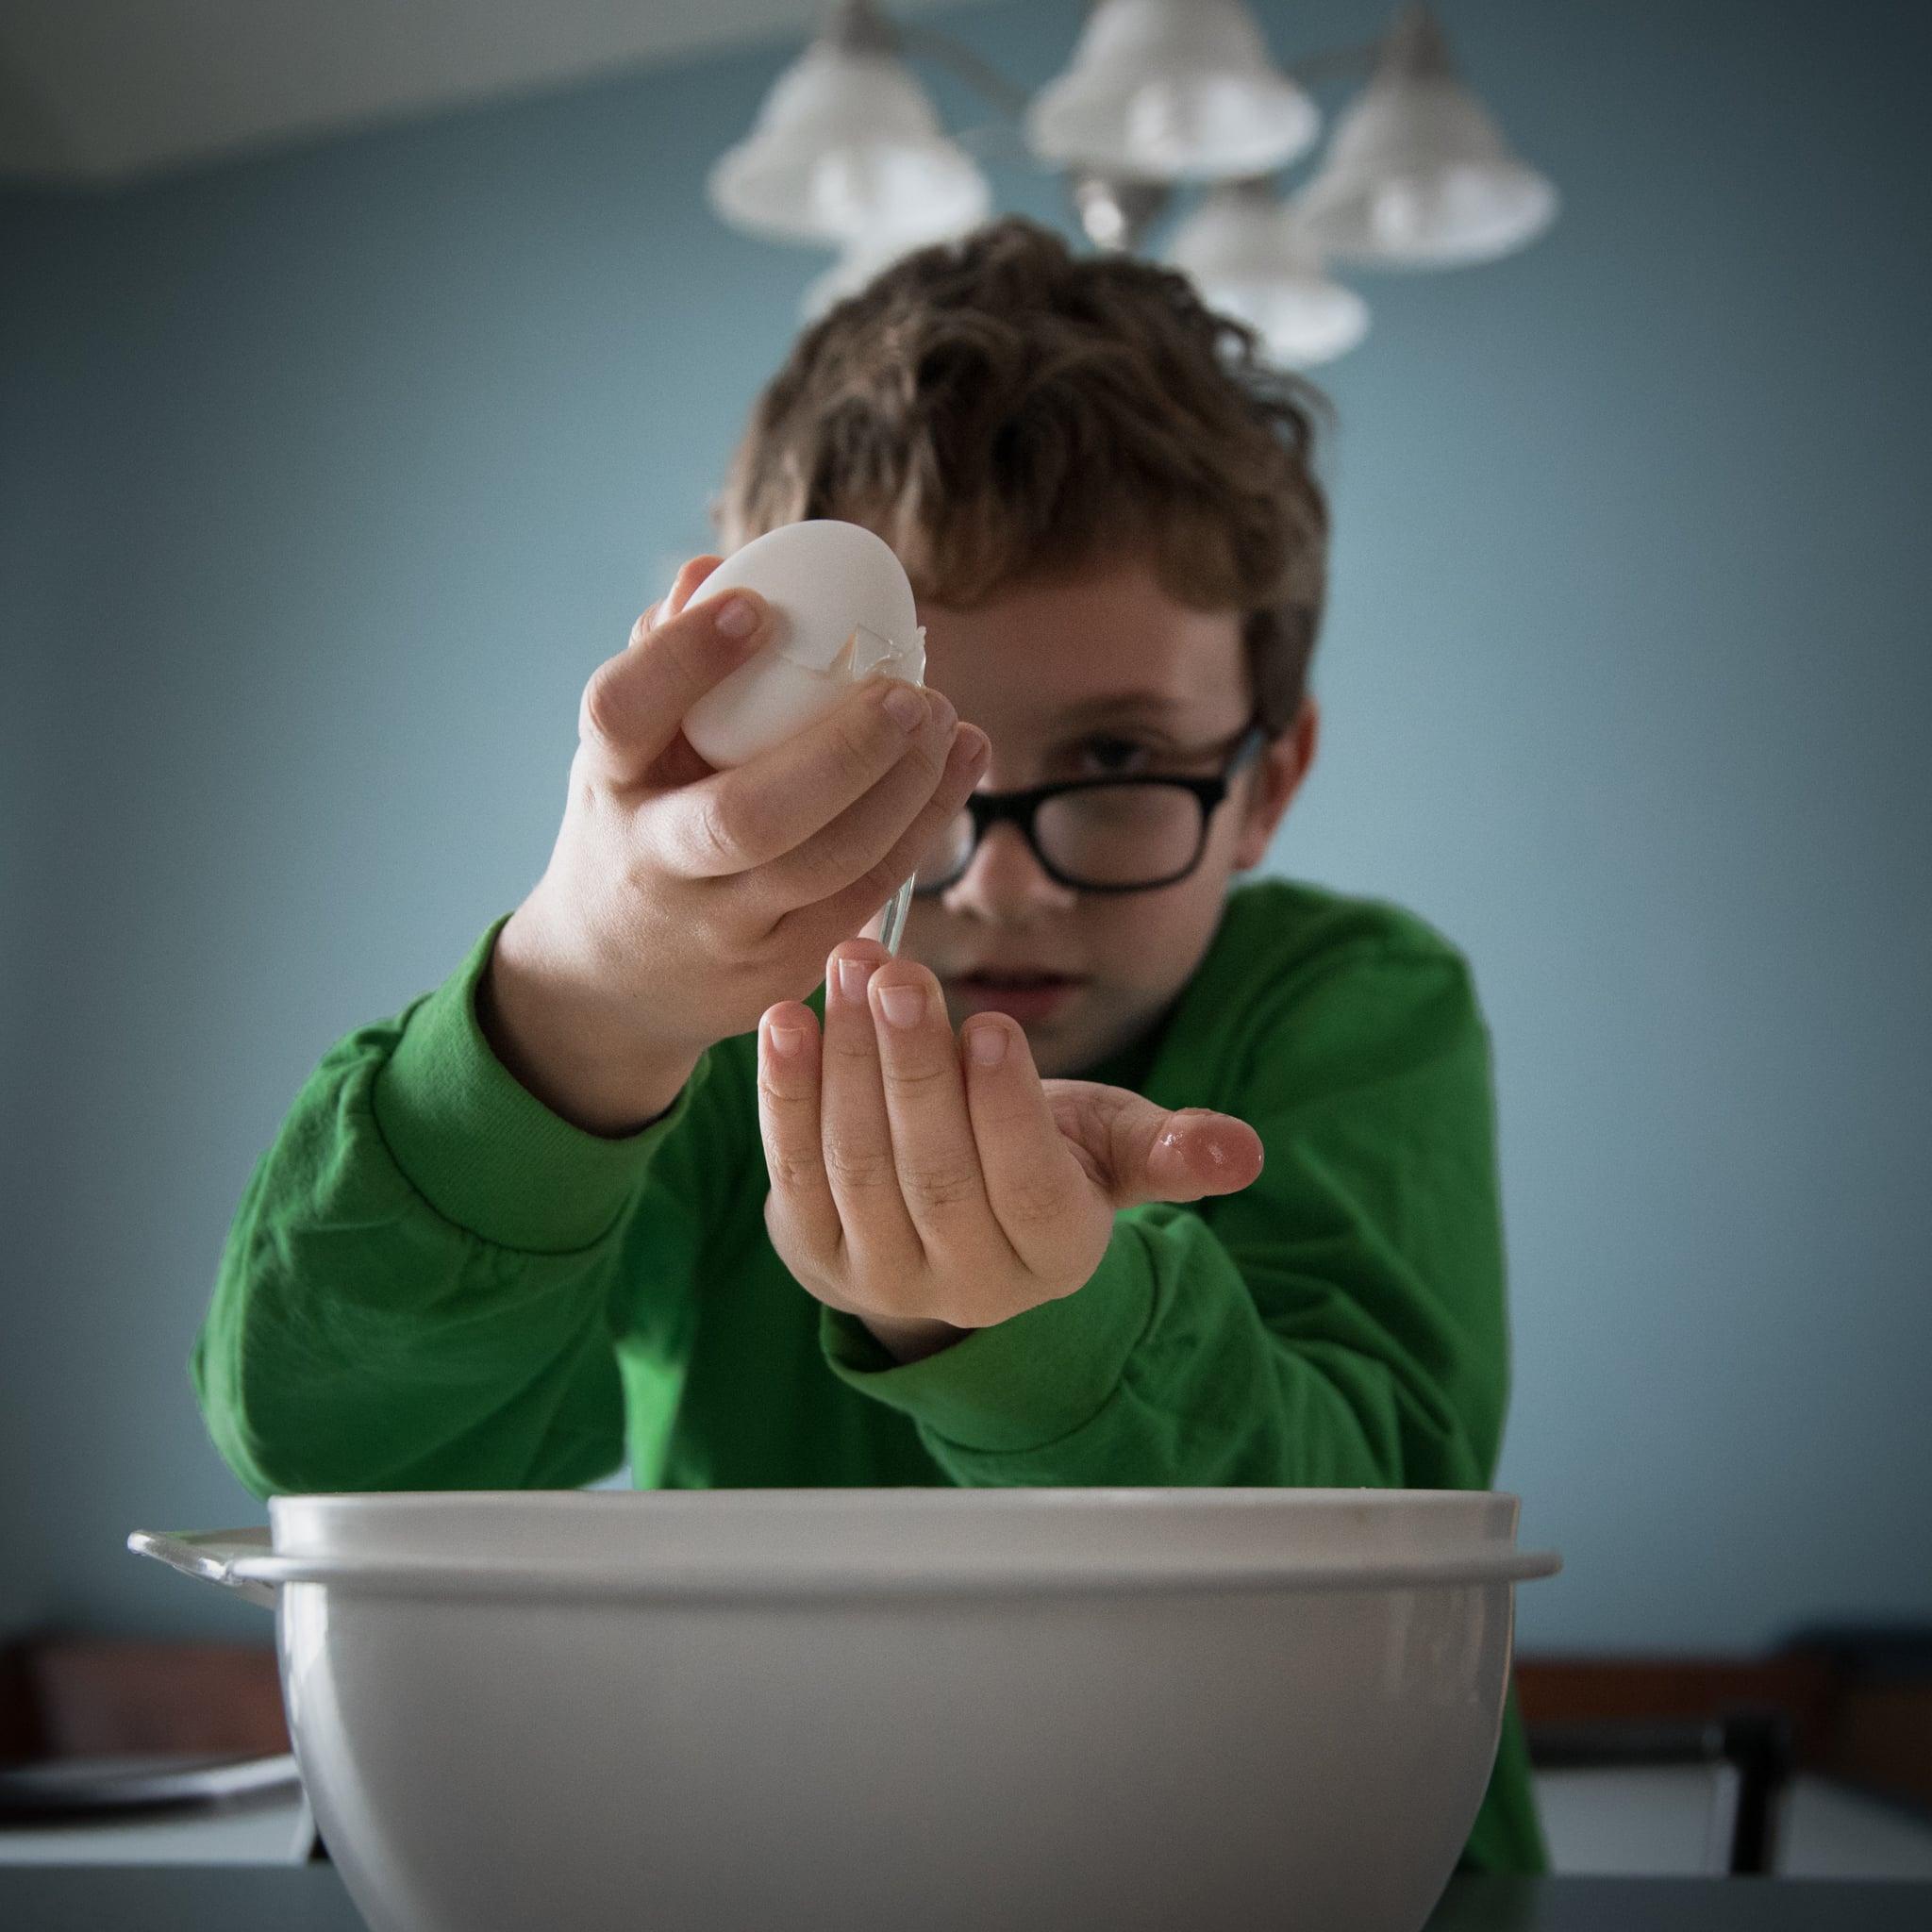 Childrens_Family_Photographer_Fargo_Moorhead-6308.jpg